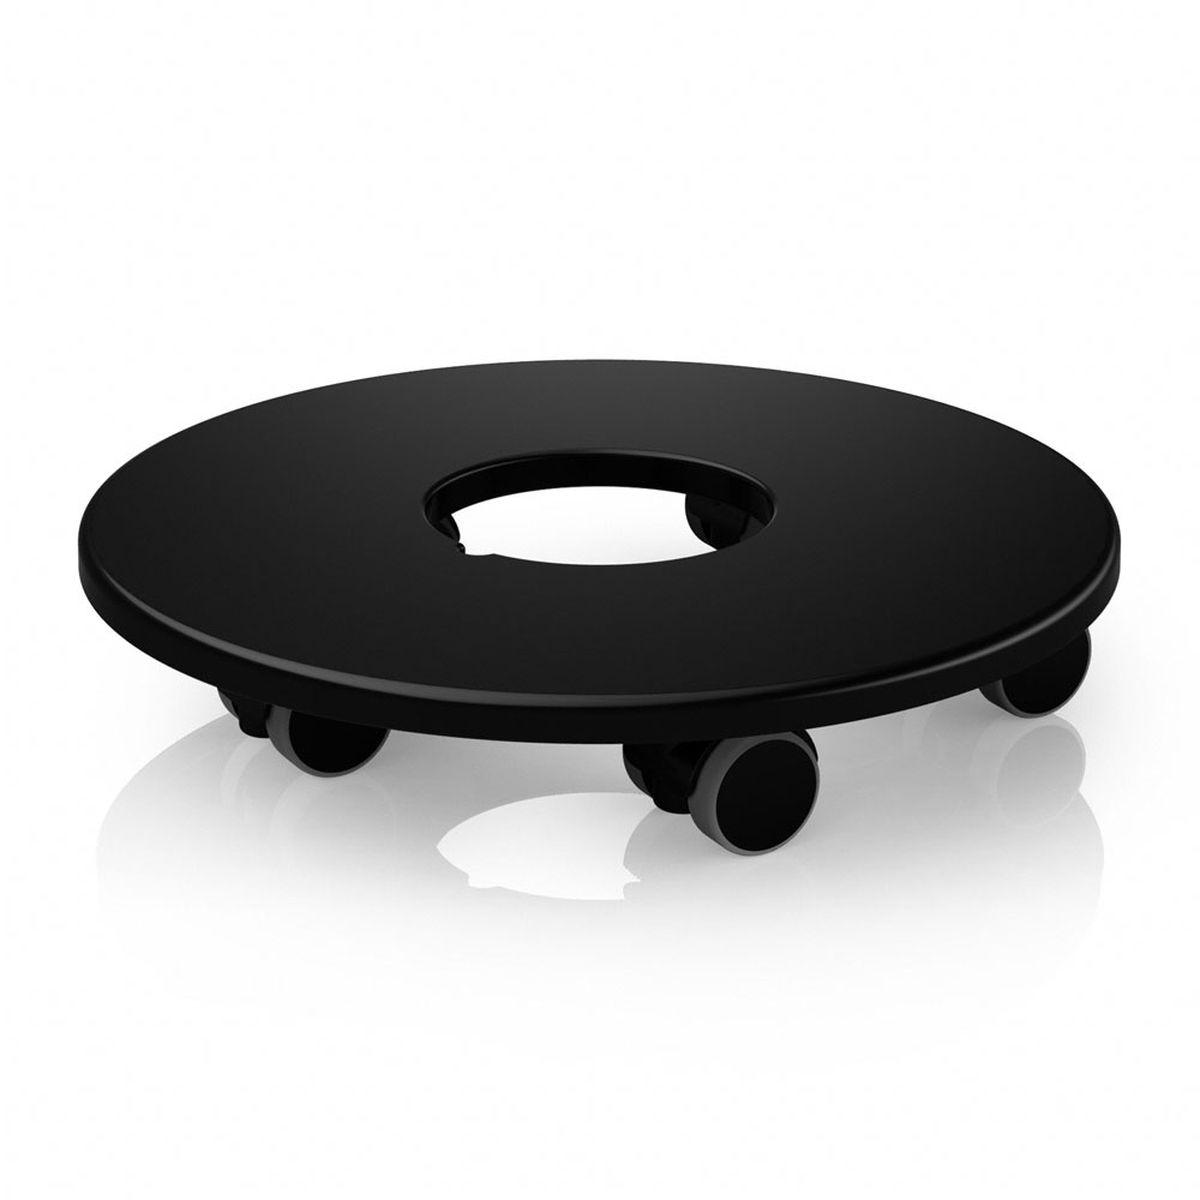 Подставка Lechuza для кашпо диаметром 50 см, на колесах, цвет: черный13403Подставка Lechuza, выполненная из высококачественного пластика, оснащена колесами. Изделие предназначено для кашпо из серий Classico и Quadro. Подставка обеспечивает объемным и тяжелым кашпо мобильность во всех направлениях. С помощью такой передвижной подставки, вы сможете озеленить любой уголок в доме, офисе, на даче или любых общественных местах. Диаметр подставки: 30 см. Подходит для кашпо диаметром 50 см.